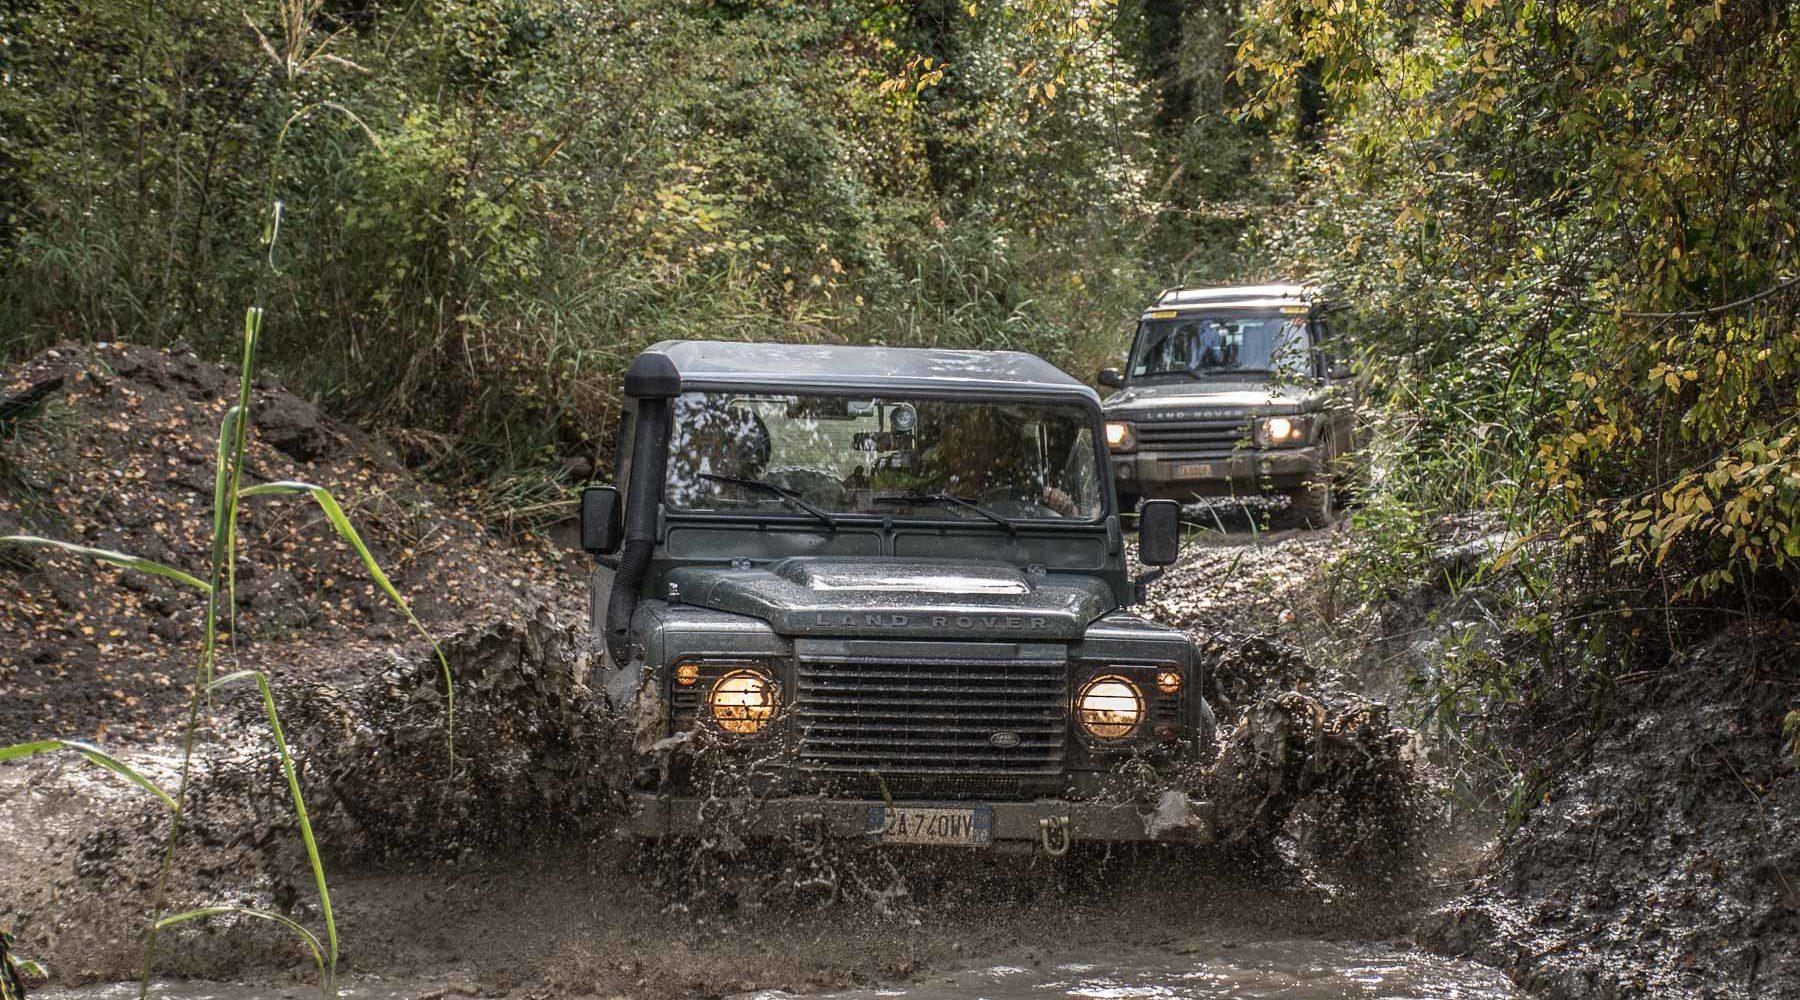 Tirreno_Adriatica_2019_Land_Rover_Experience_Italia_Registro_Italiano_Land_Rover251